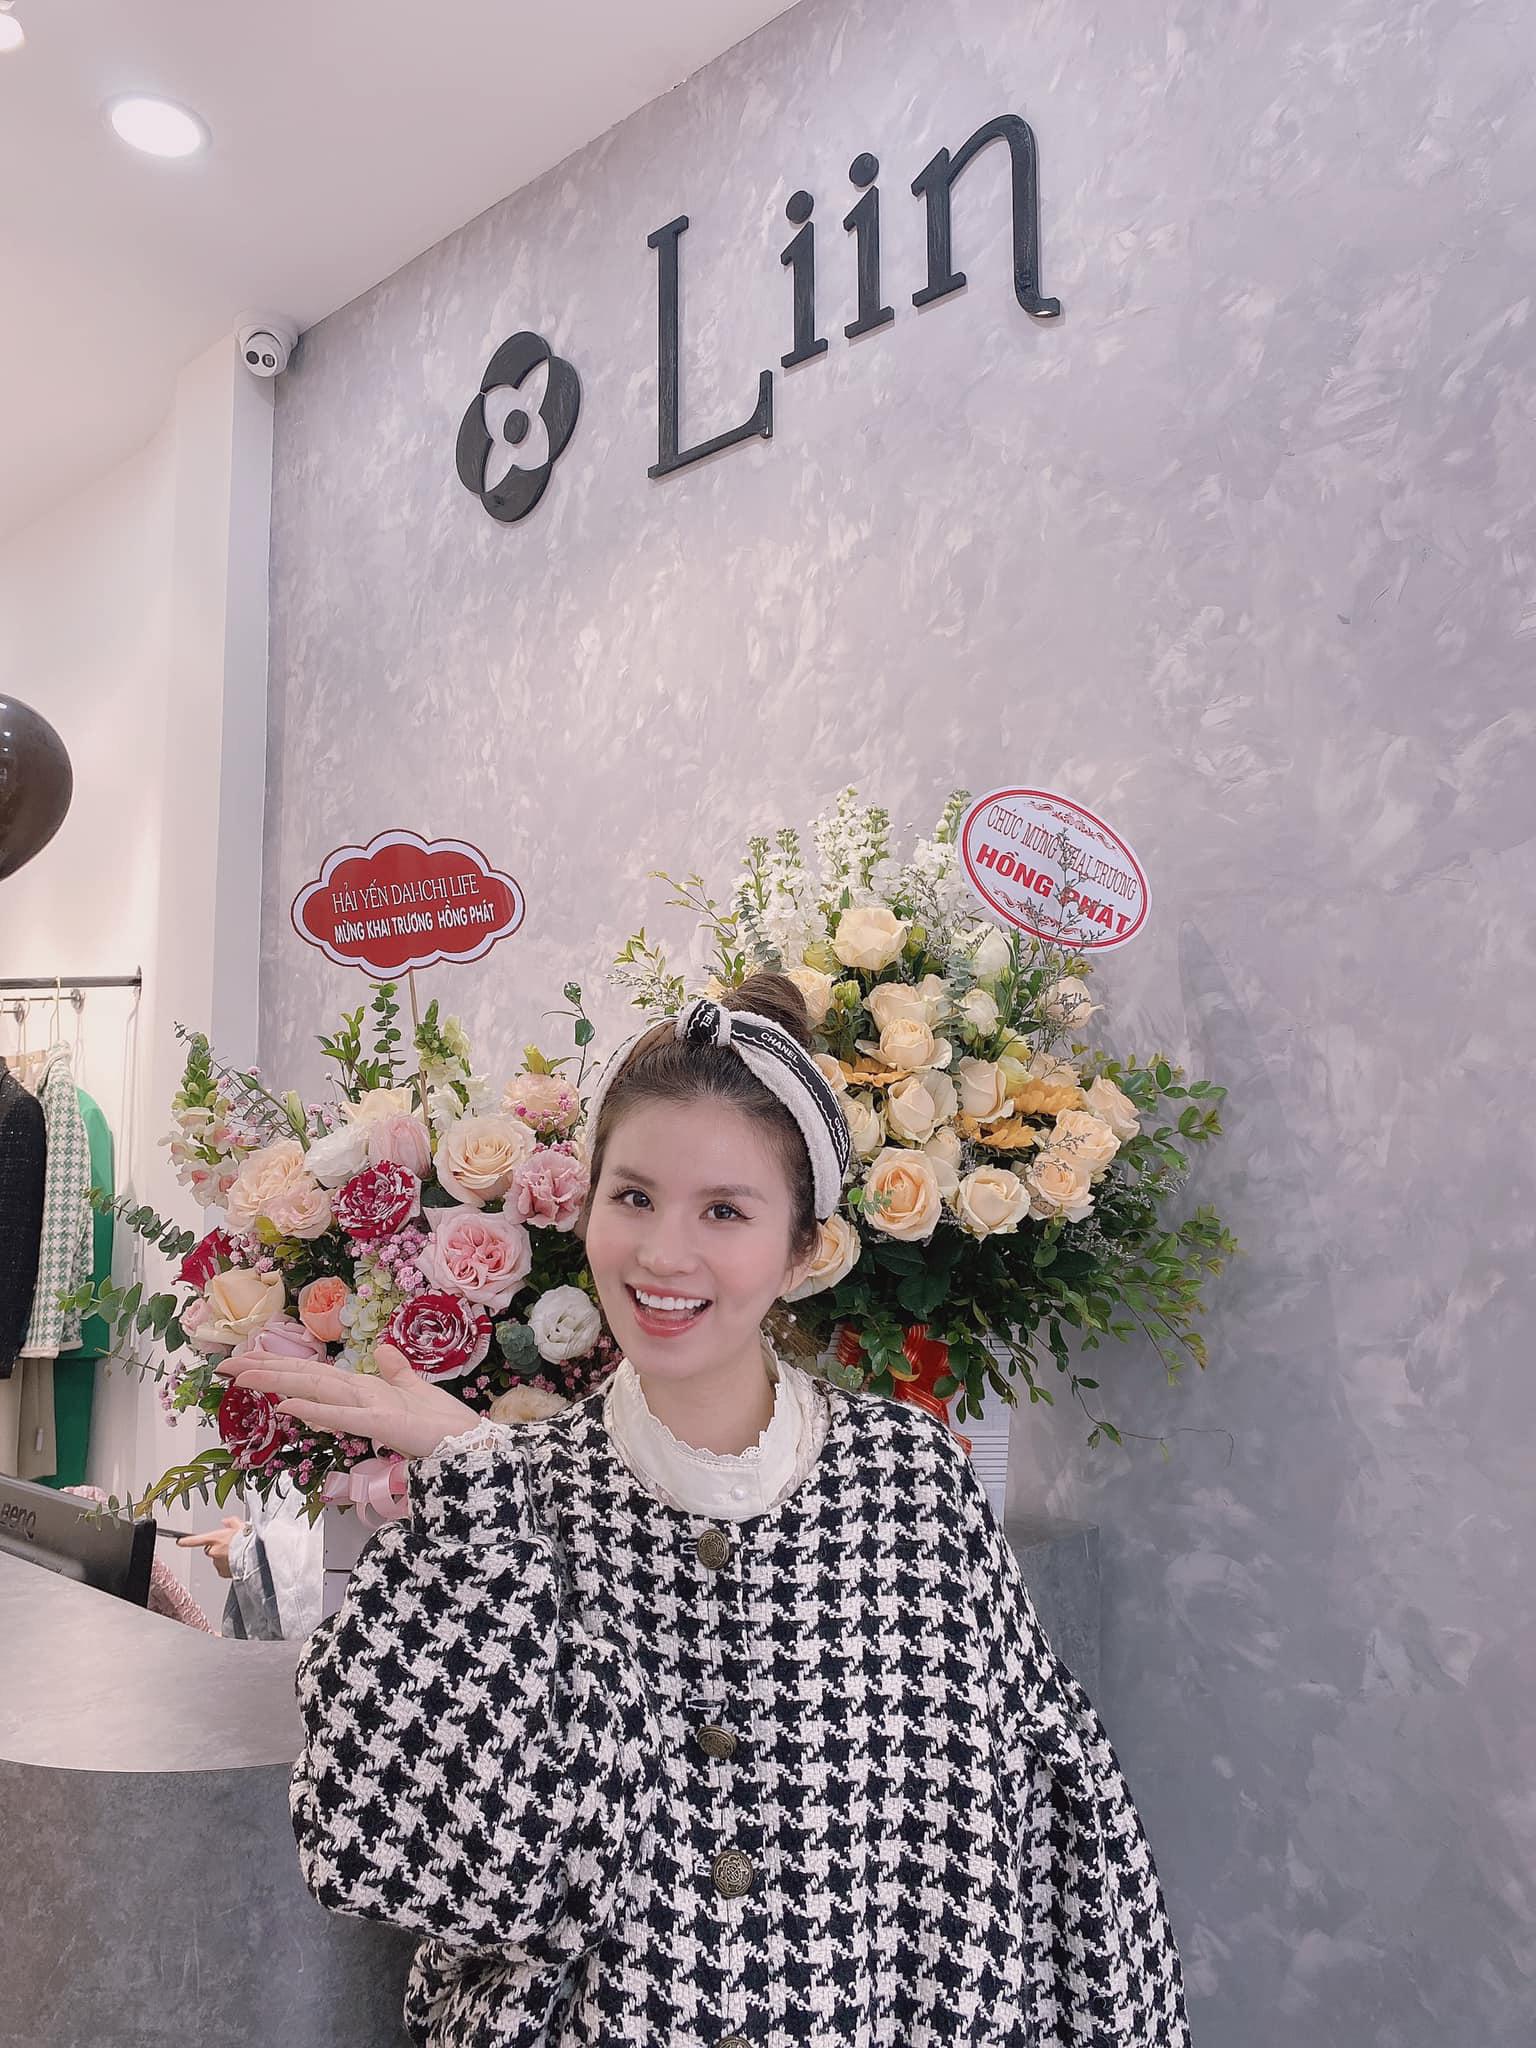 Streamer Chu Phương Linh- hoặc thay đổi hoặc chết trong bối cảnh kinh doanh thời trang tại Việt Nam - Ảnh 1.